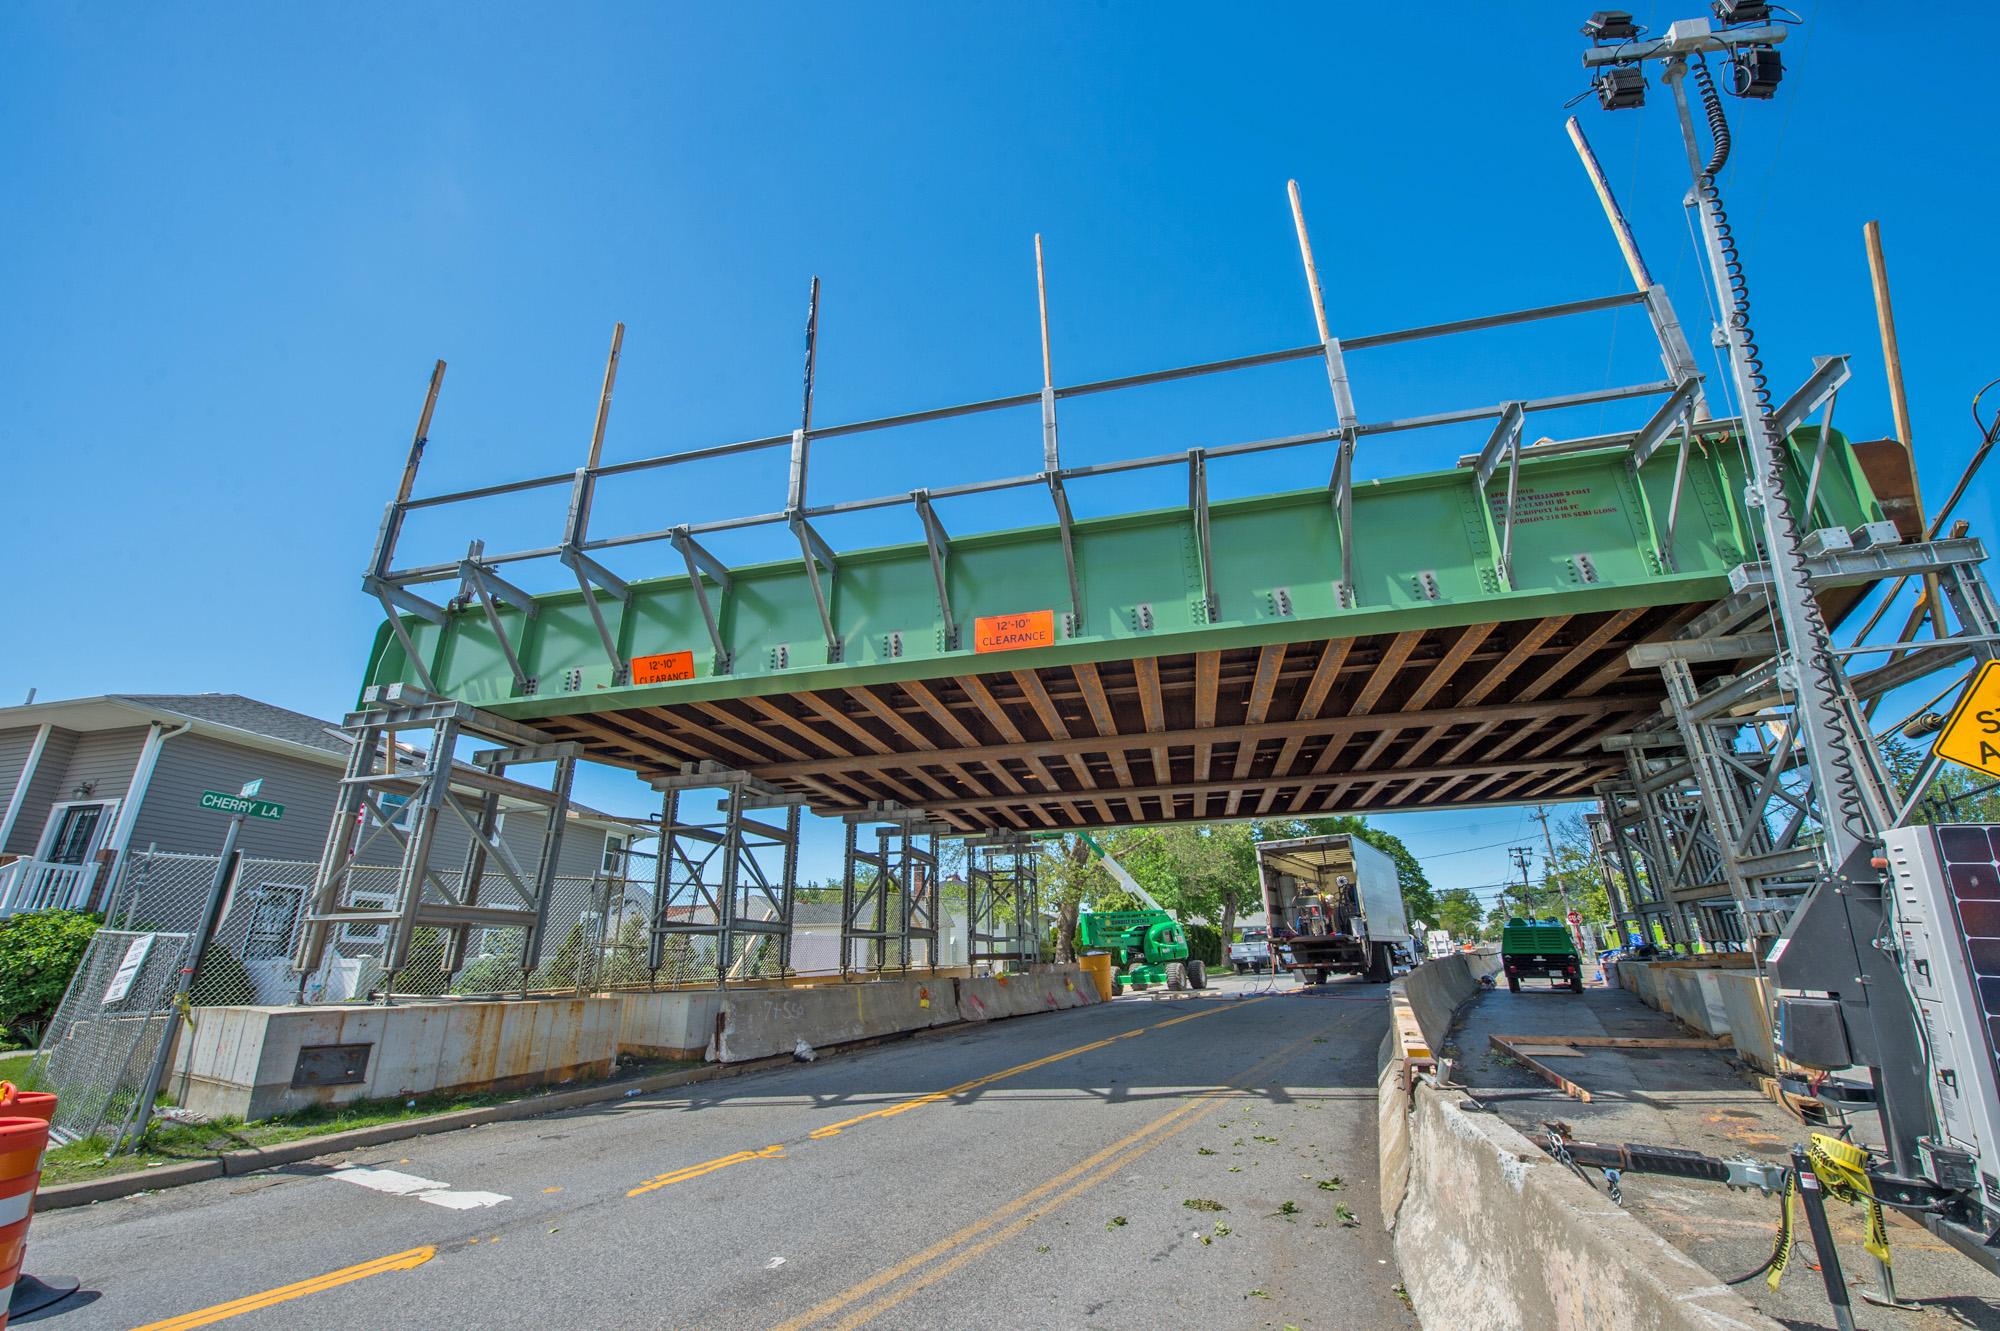 Cherry Lane Bridge 05-24-19